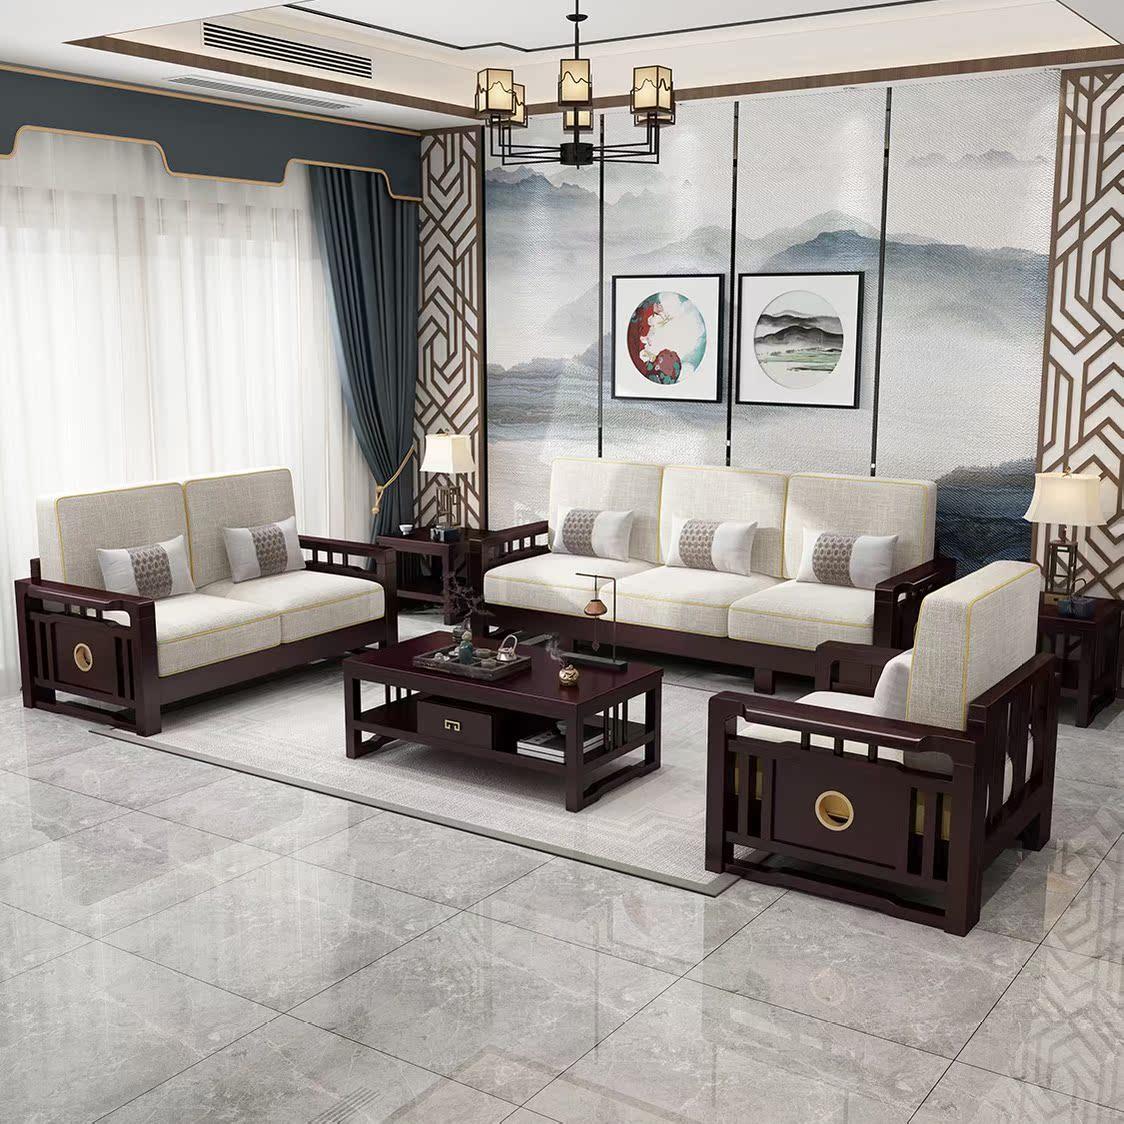 新中式实木沙发茶几组合禅意轻奢酒店黑檀转角沙发中国风家具